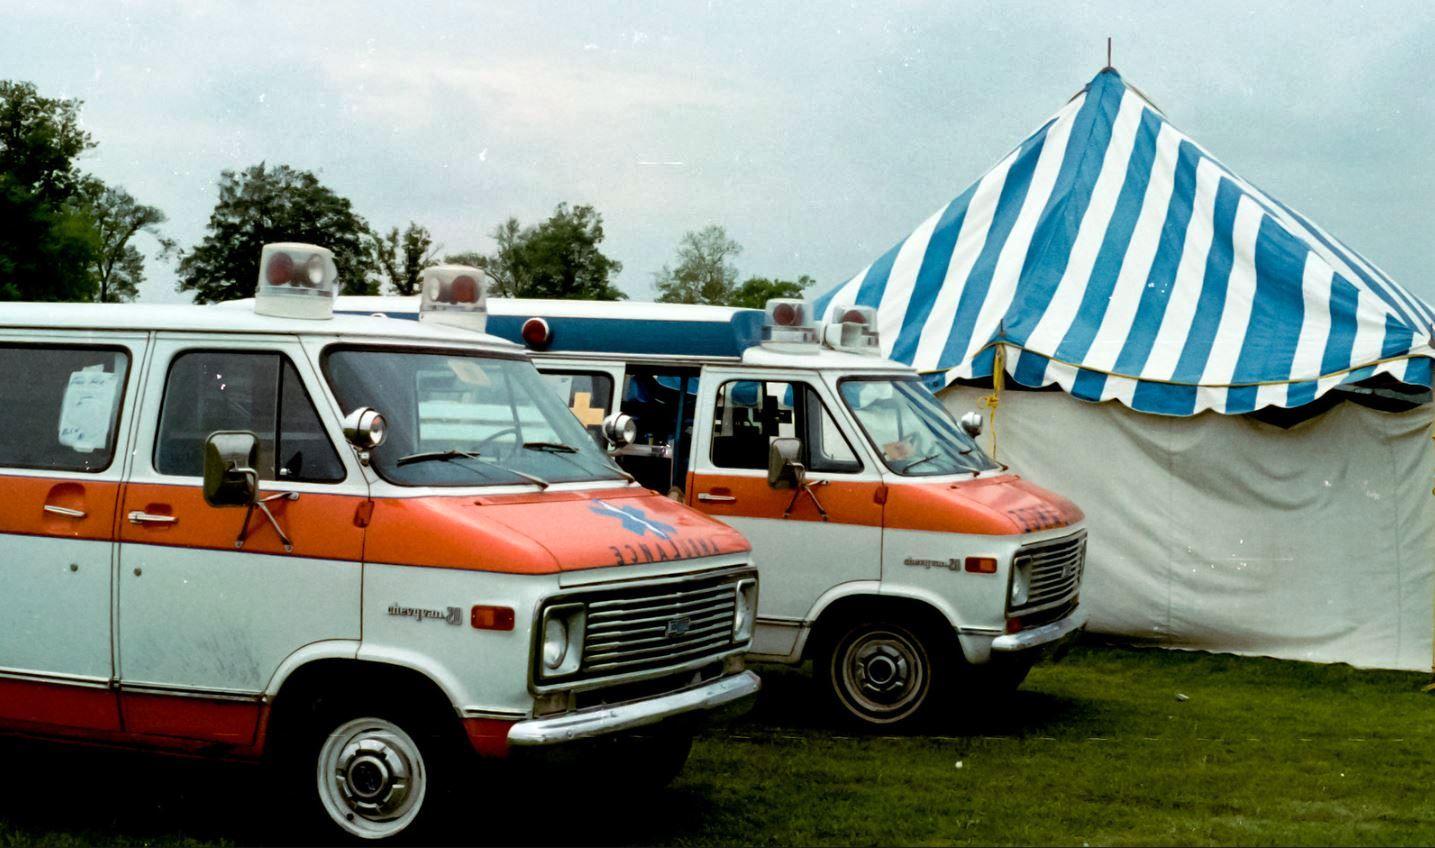 1980 ambulances - 2